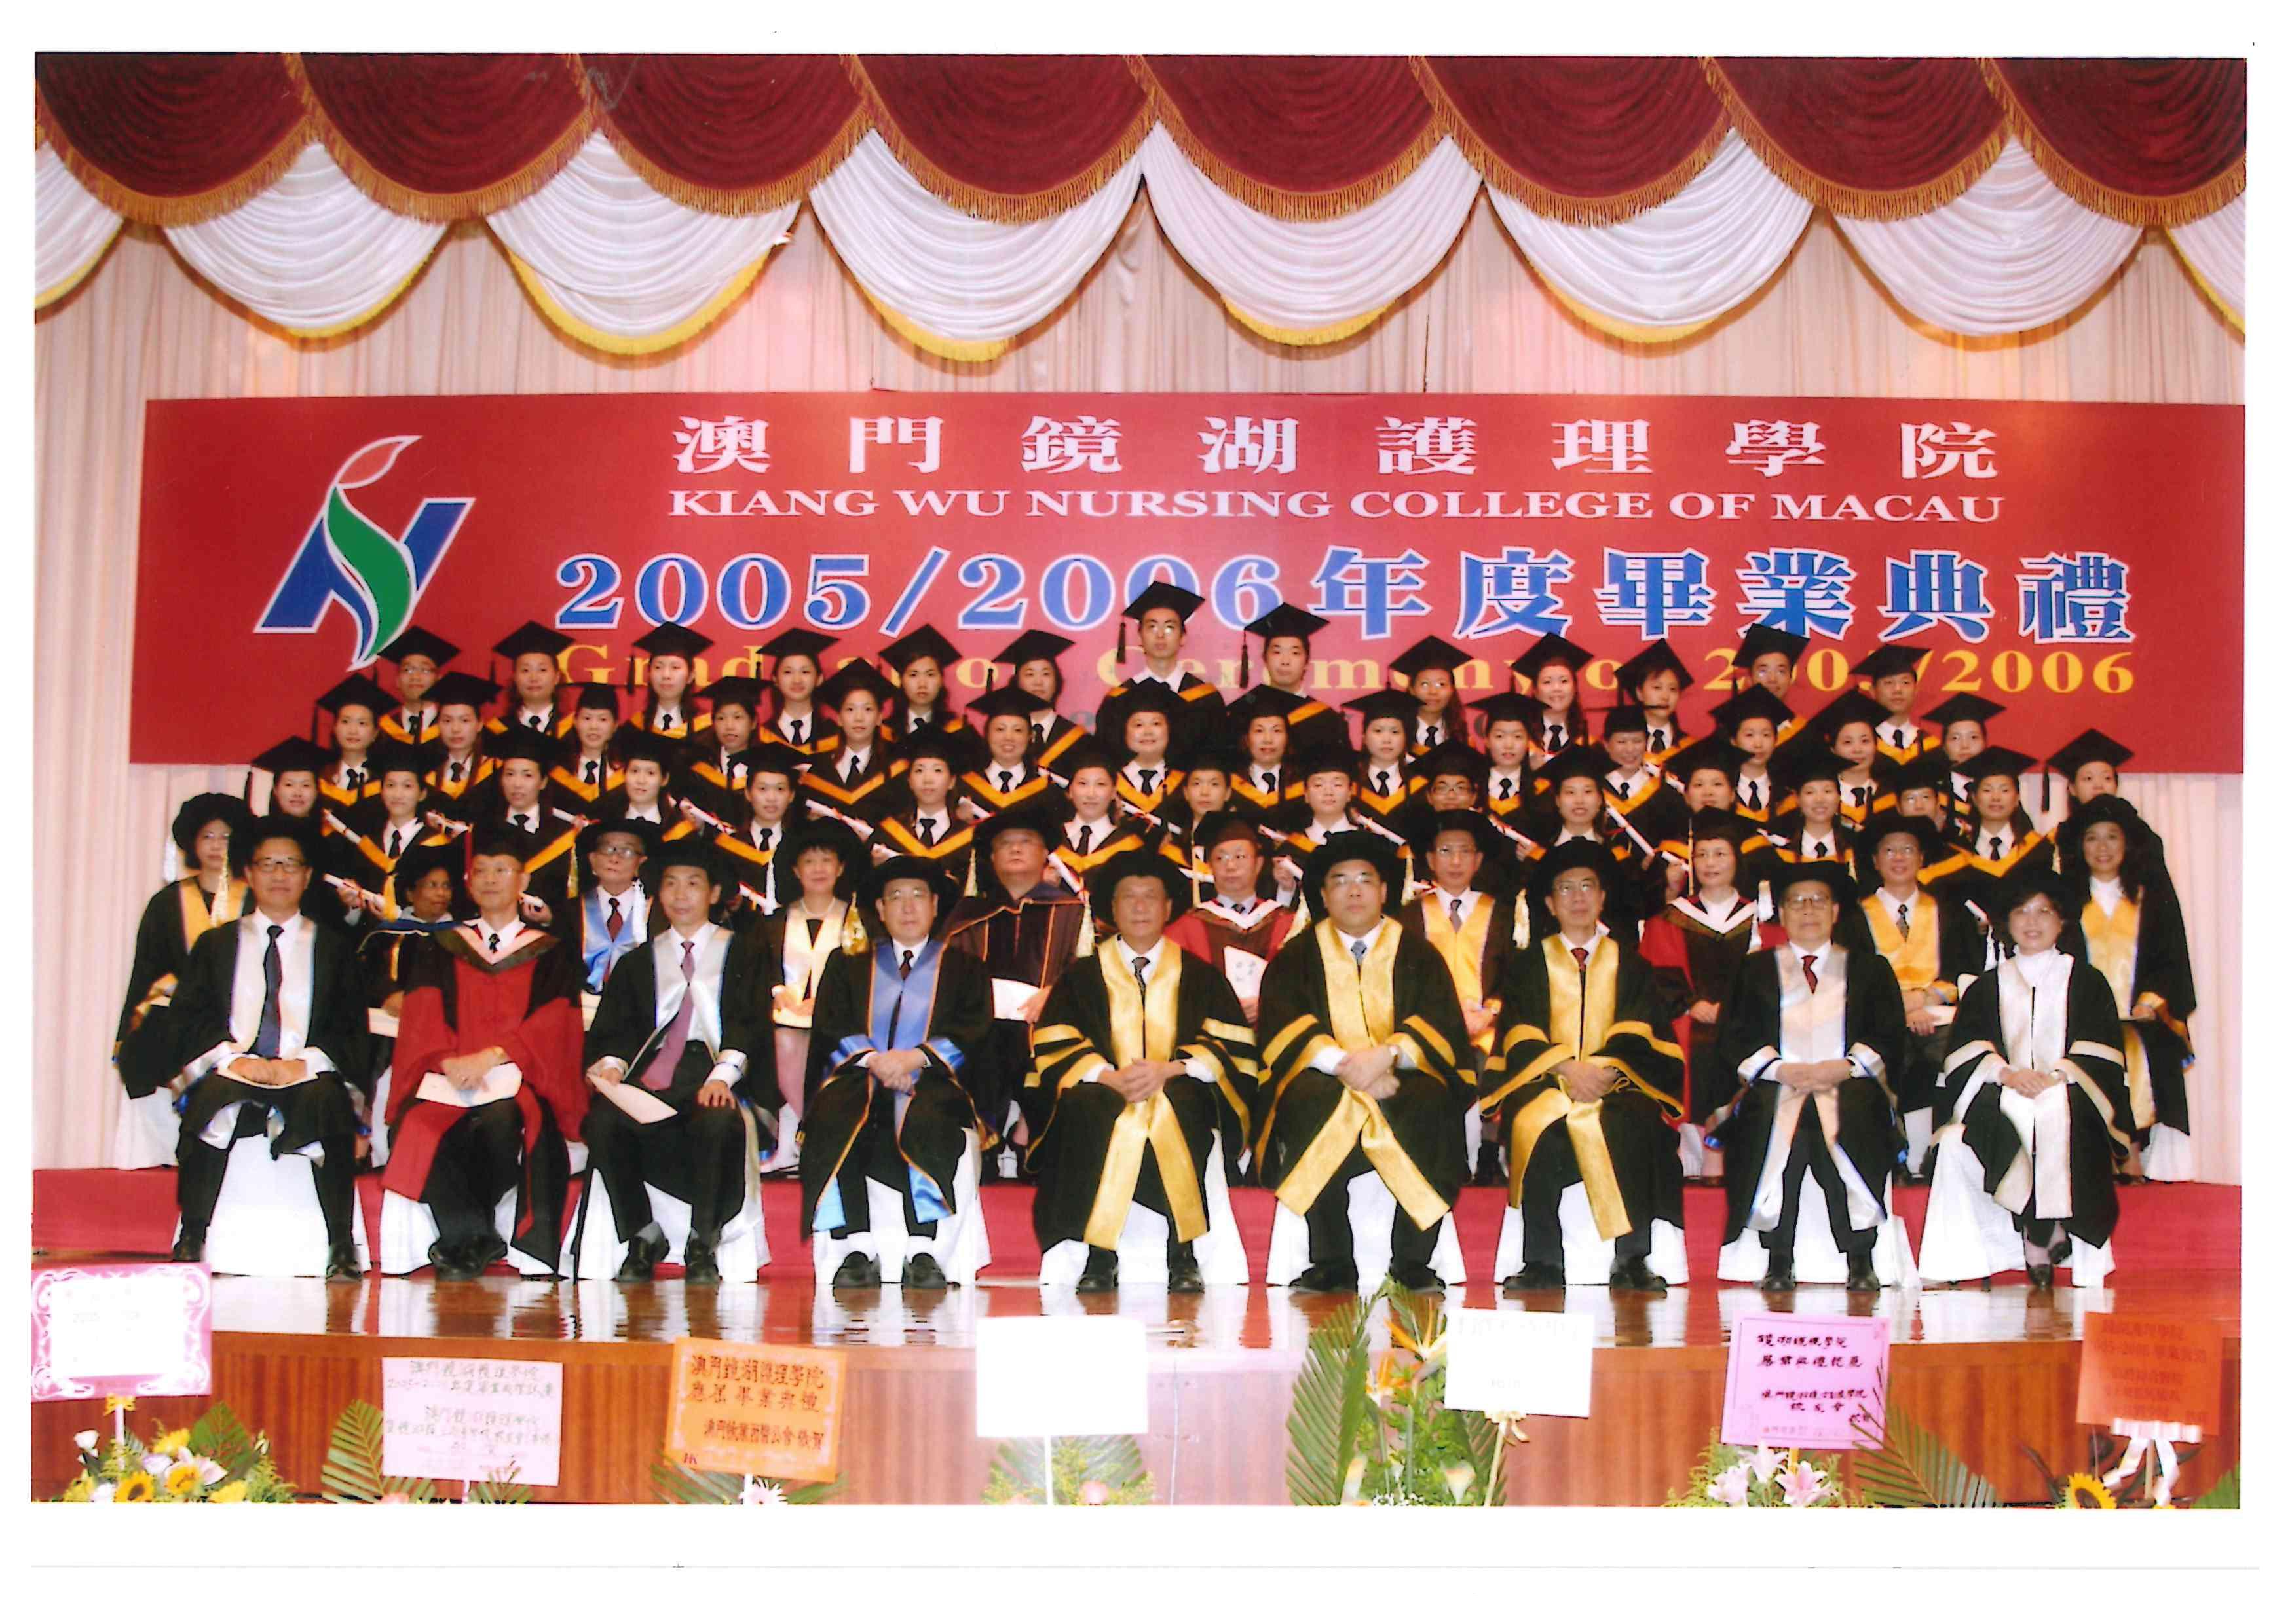 2005-2006年度畢業典禮